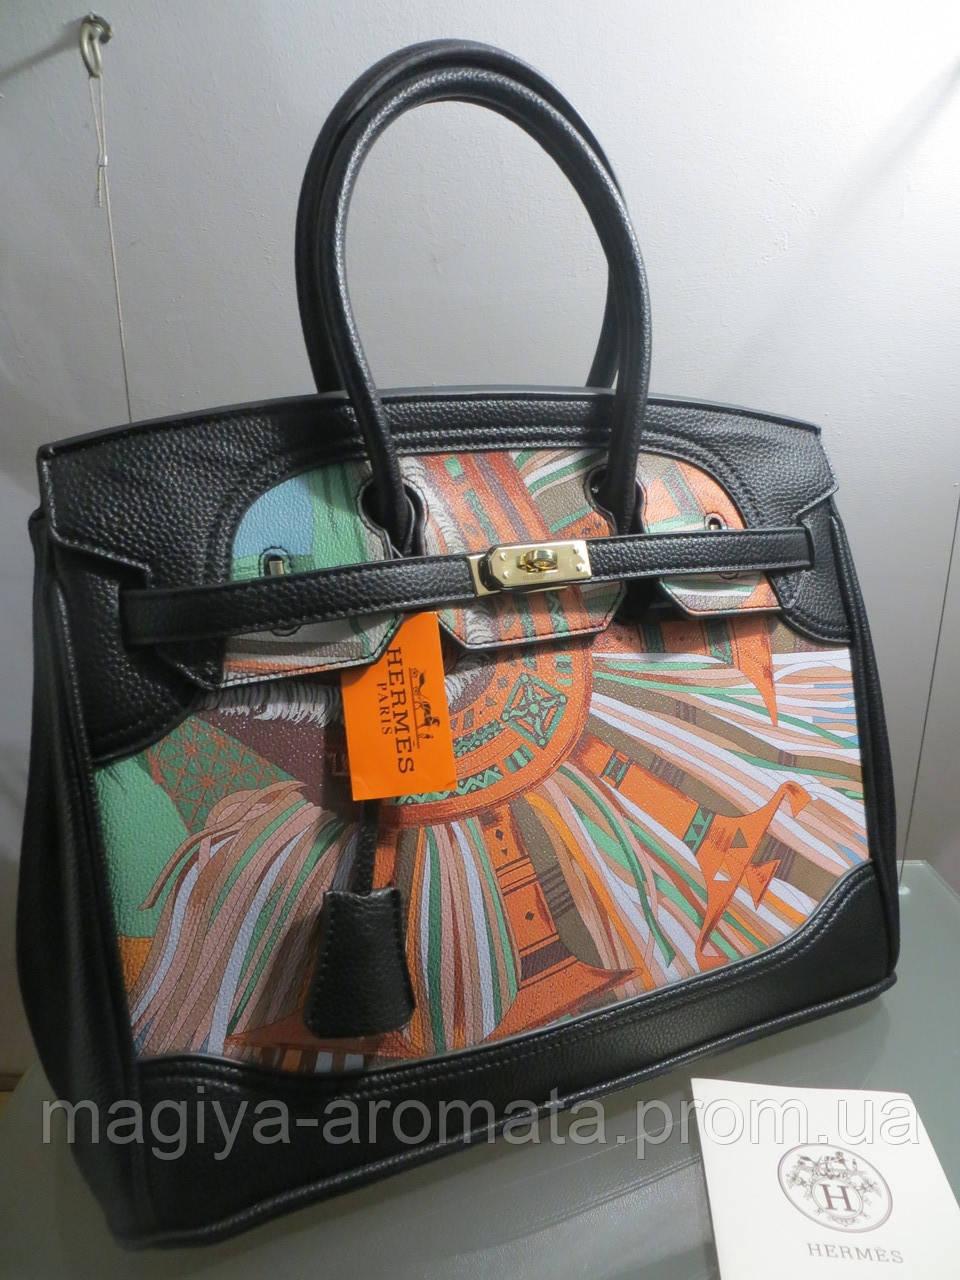 5c93db74d608 Женская кожаная сумка Hermes с принтом 35 см Гермес Биркин Эрме - Магия  Аромата - Парфюмерия